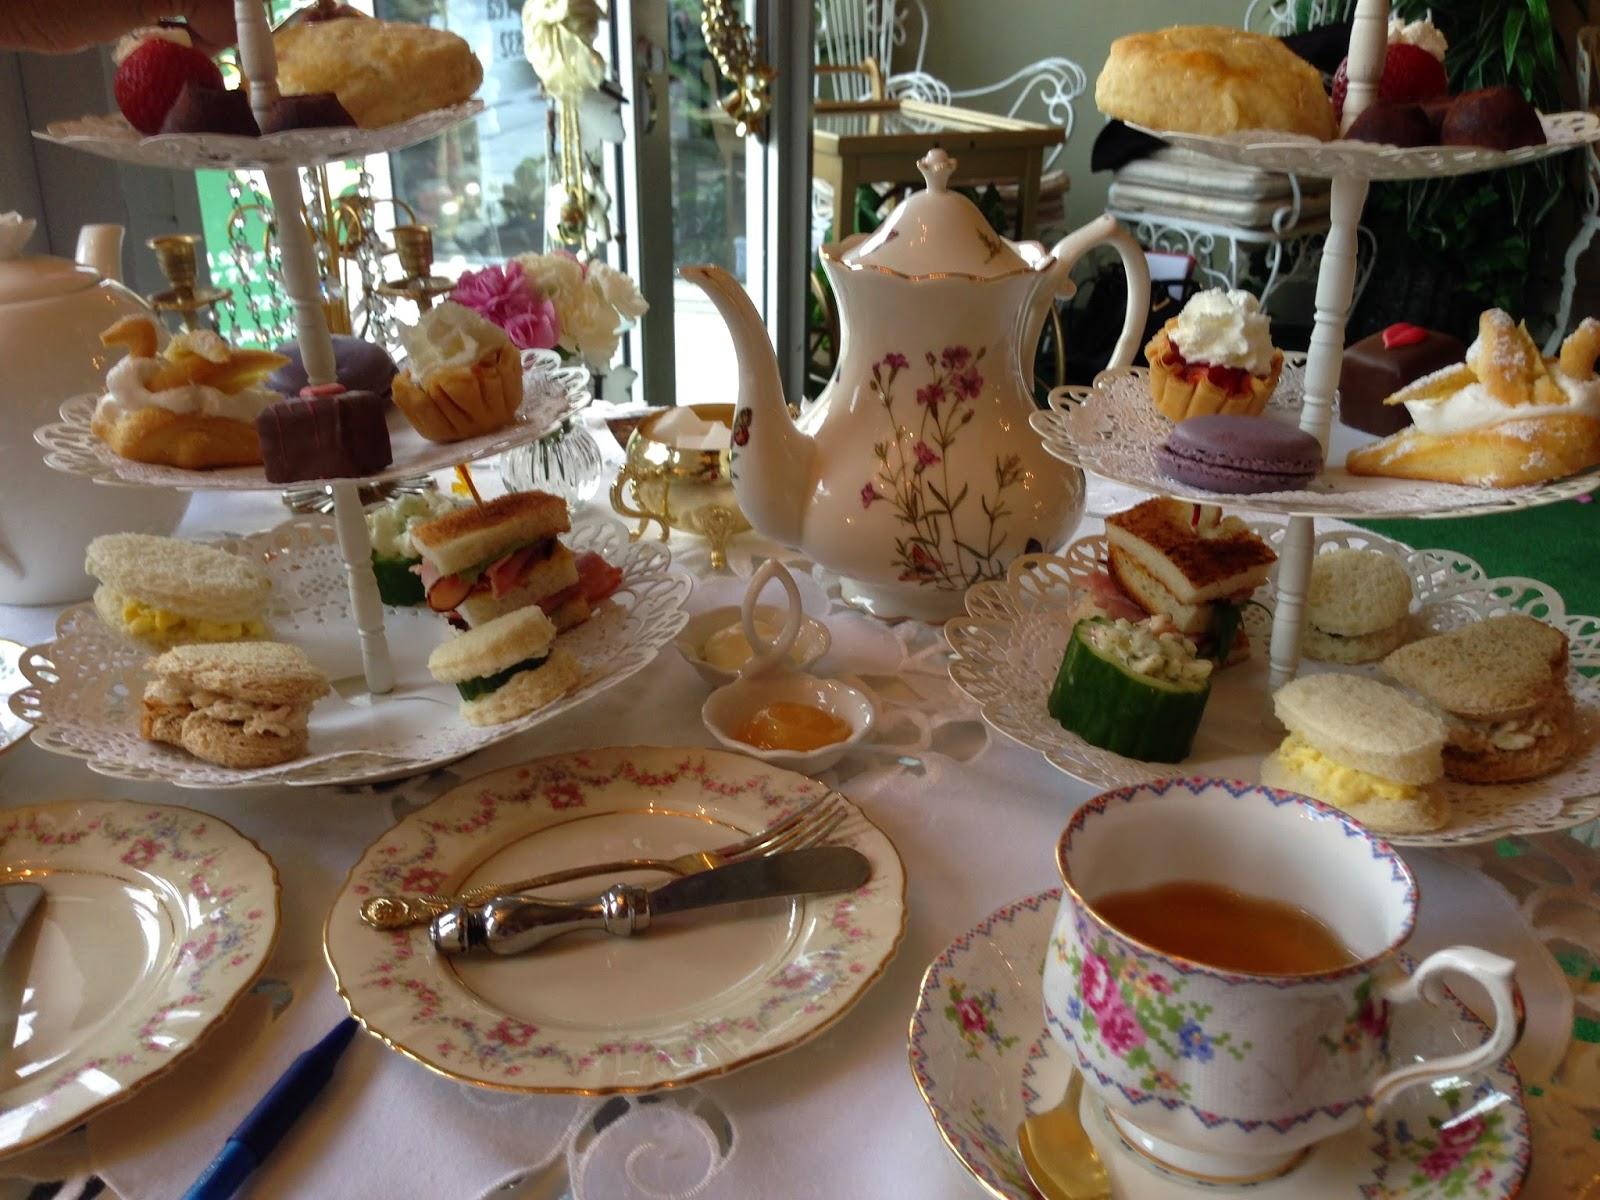 茶 Tea Dreams 梦 Afternoon Tea At The Golden Tea Garden